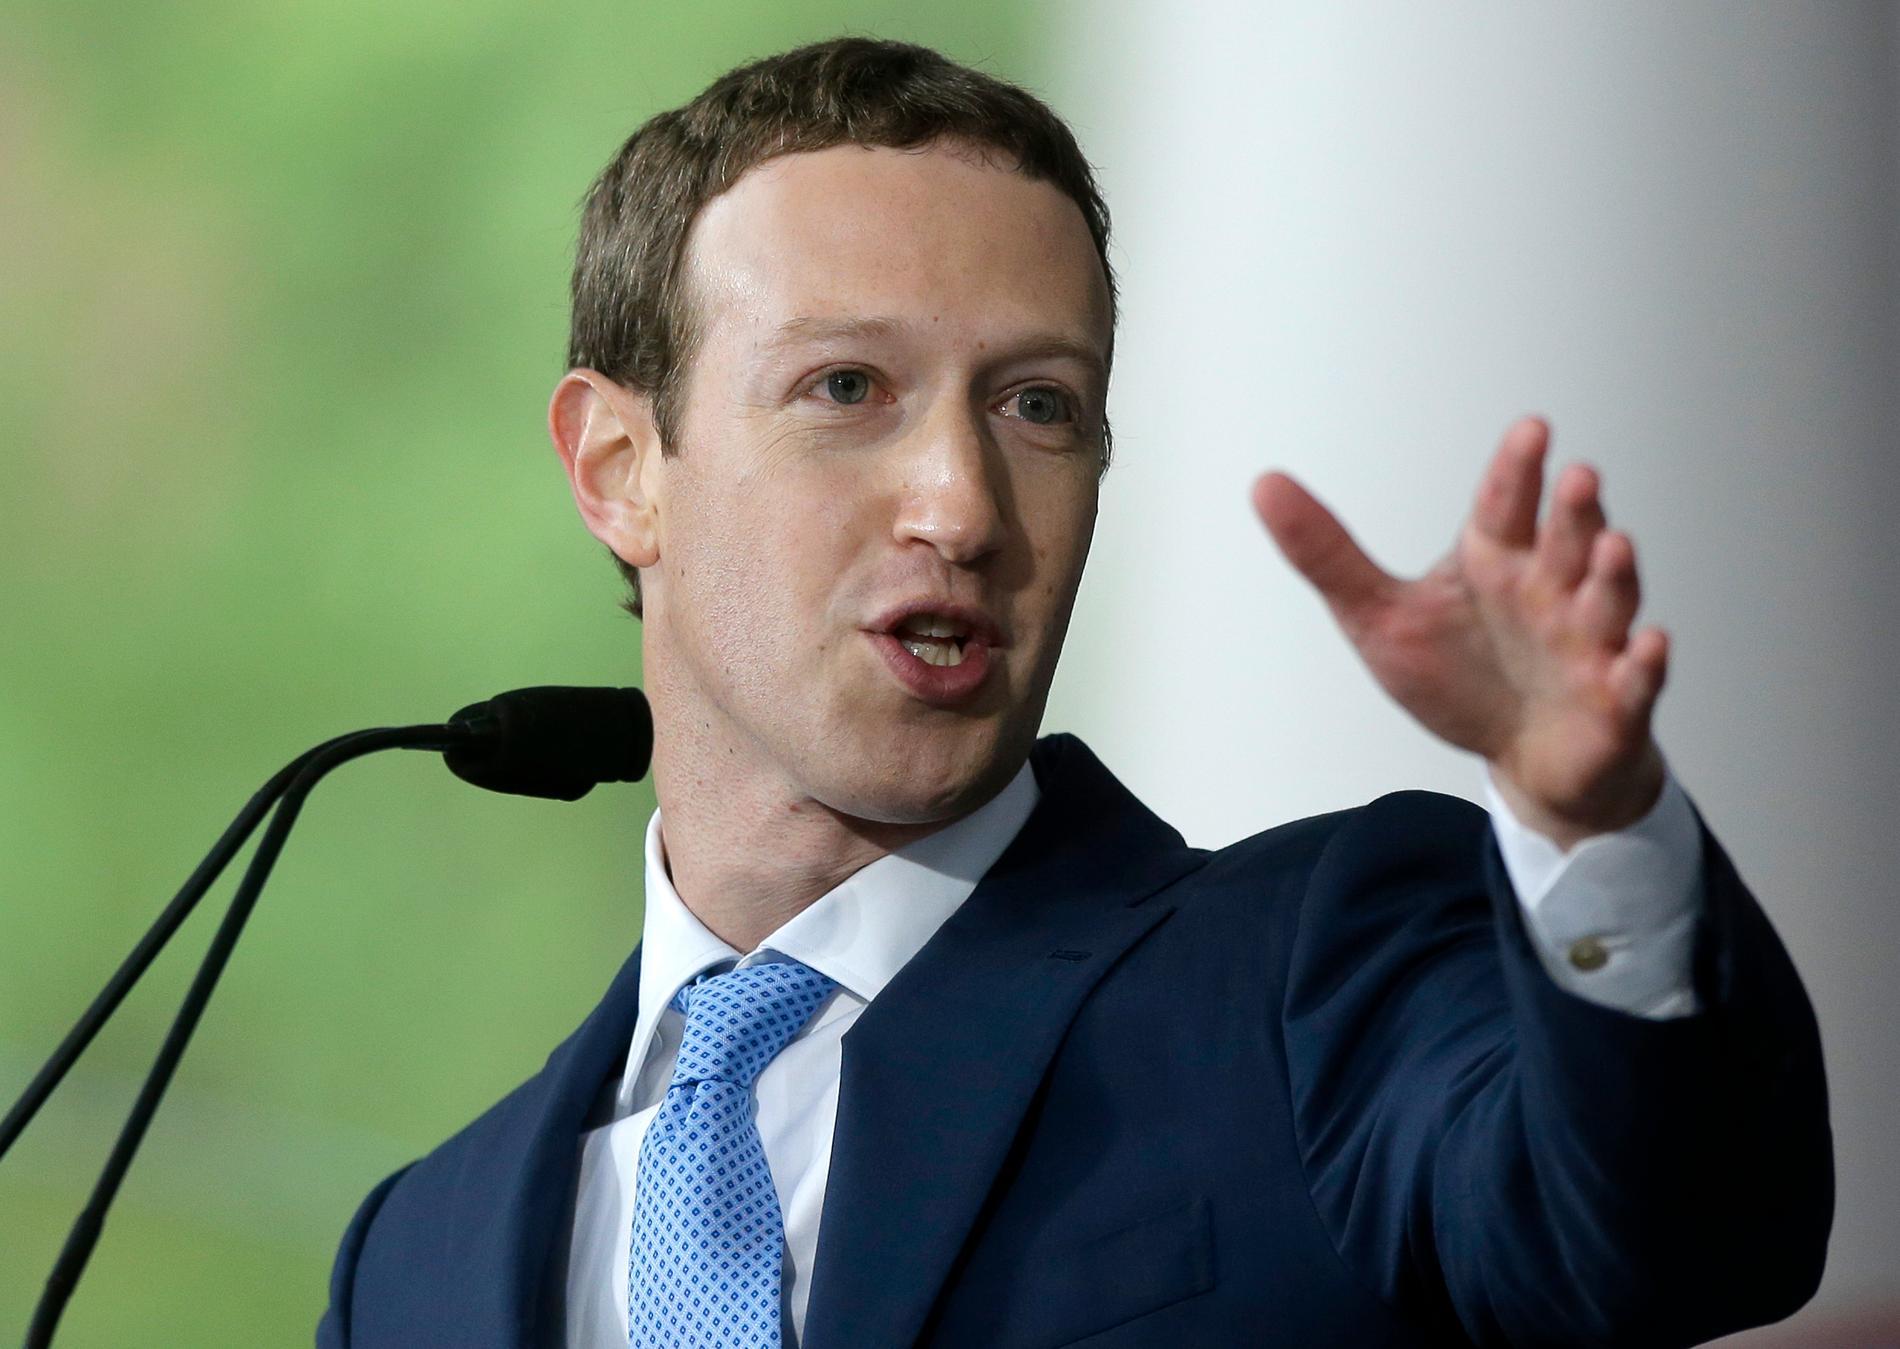 Facebooks grundare Mark Zuckerberg vittnade inför kongressen förra veckan med anledning av Cambridge Analytica-skandalen.